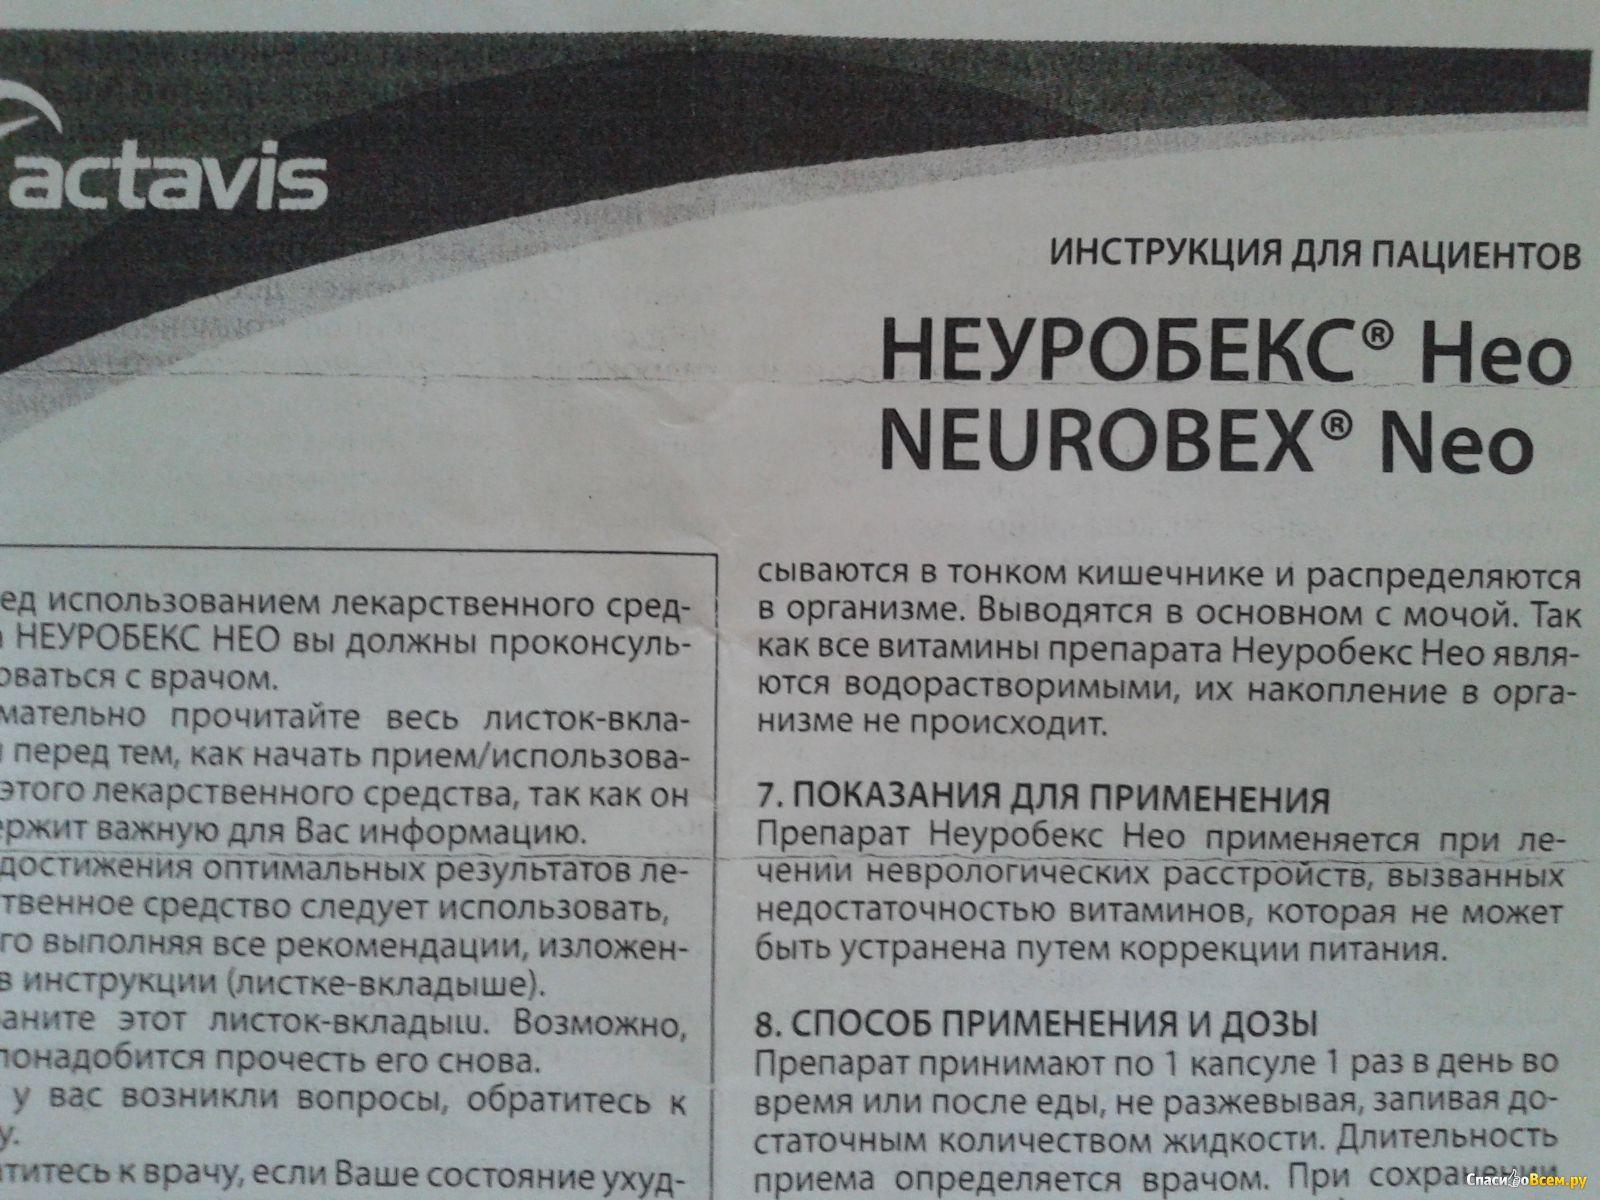 неуробекс инструкция применению